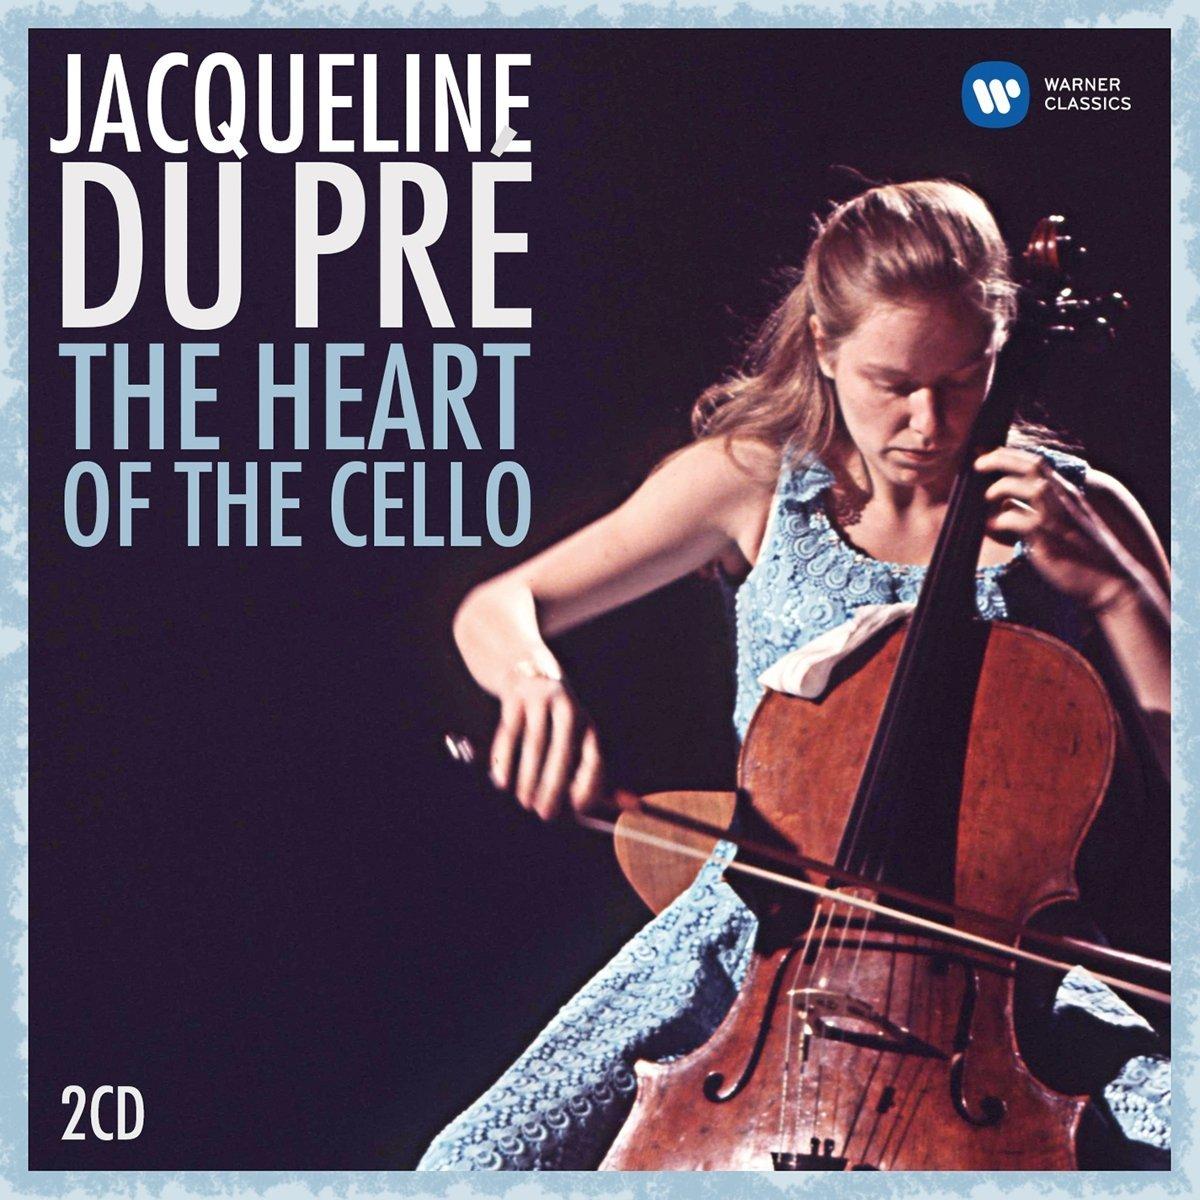 Heart of the Cello